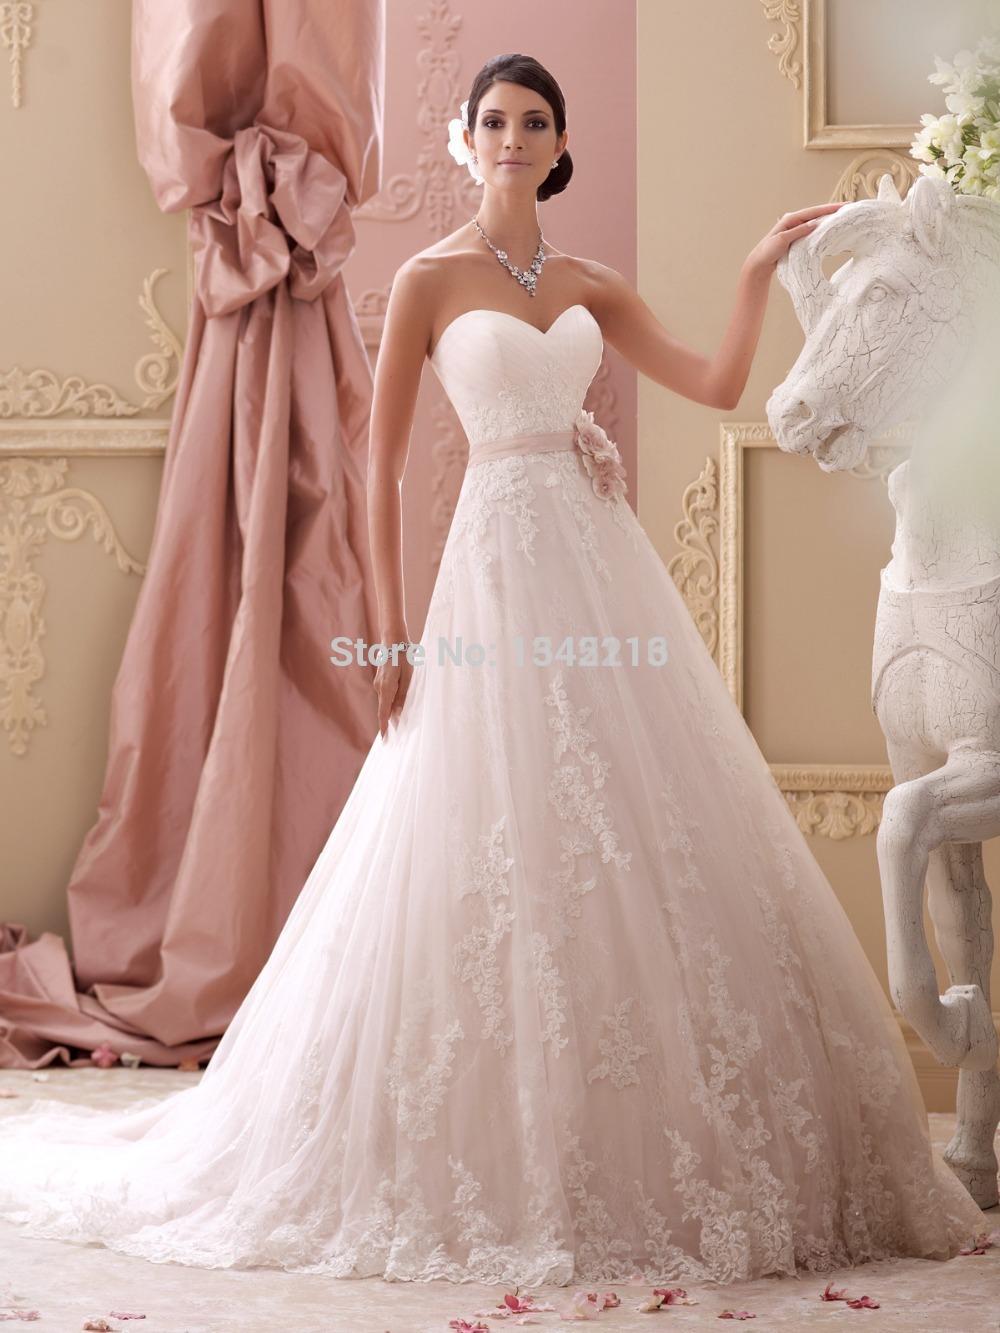 ... pizzo-abito-da-sposa-principessa-abiti-da-sposa-designer-economici.jpg